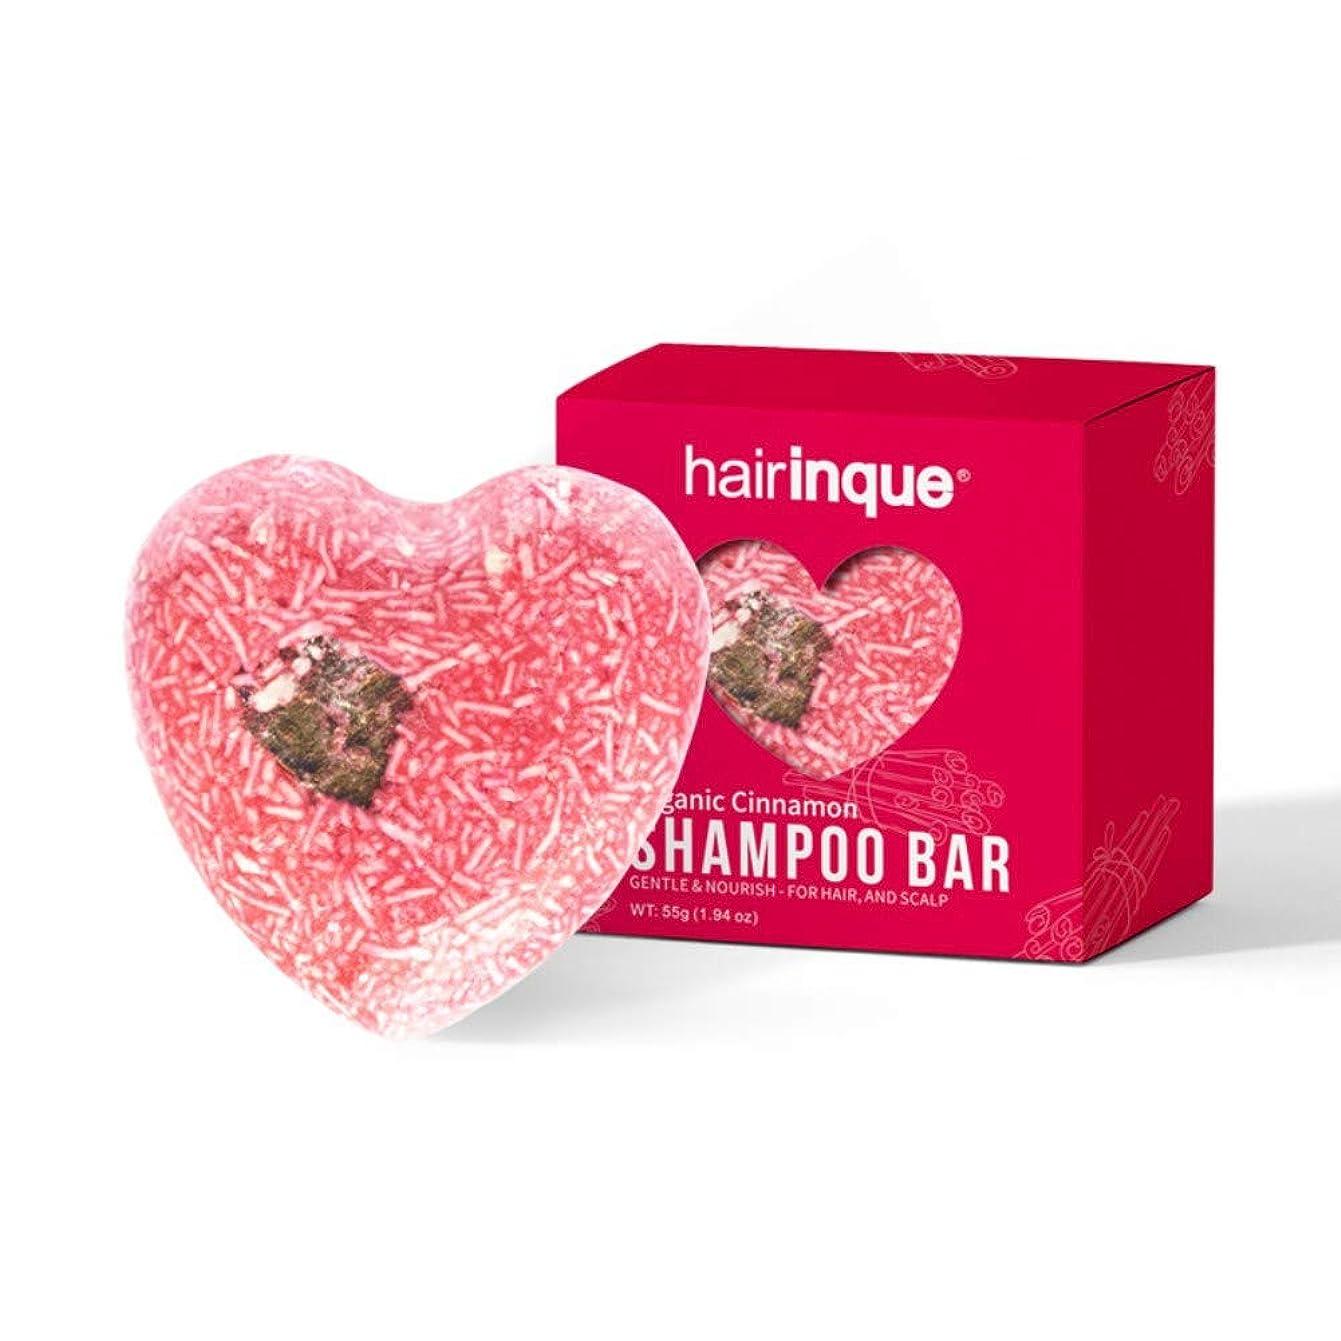 レンダーお風呂を持っている思いつくシャンプー シャンプー石鹸 栄養 脱毛 シャンプーソープ 天然成分 化学薬品防腐剤なし シャンプーソープ ヘアケア Cutelove